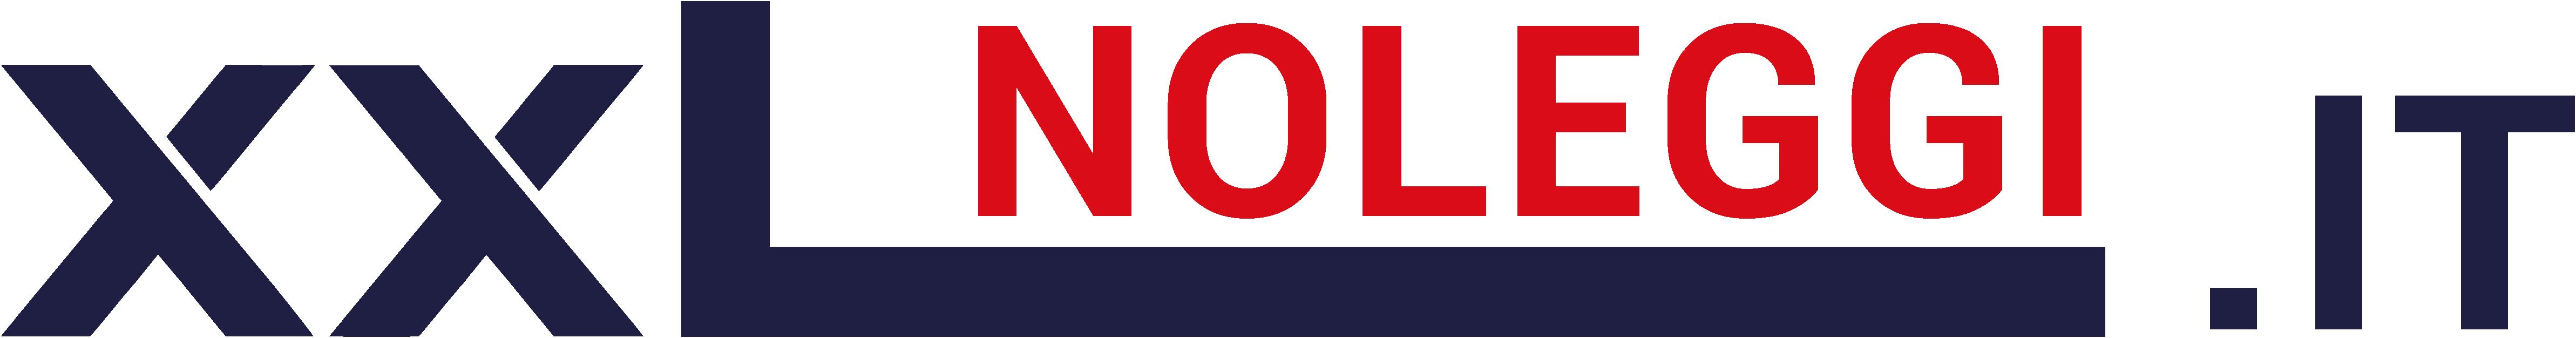 XXLNoleggi